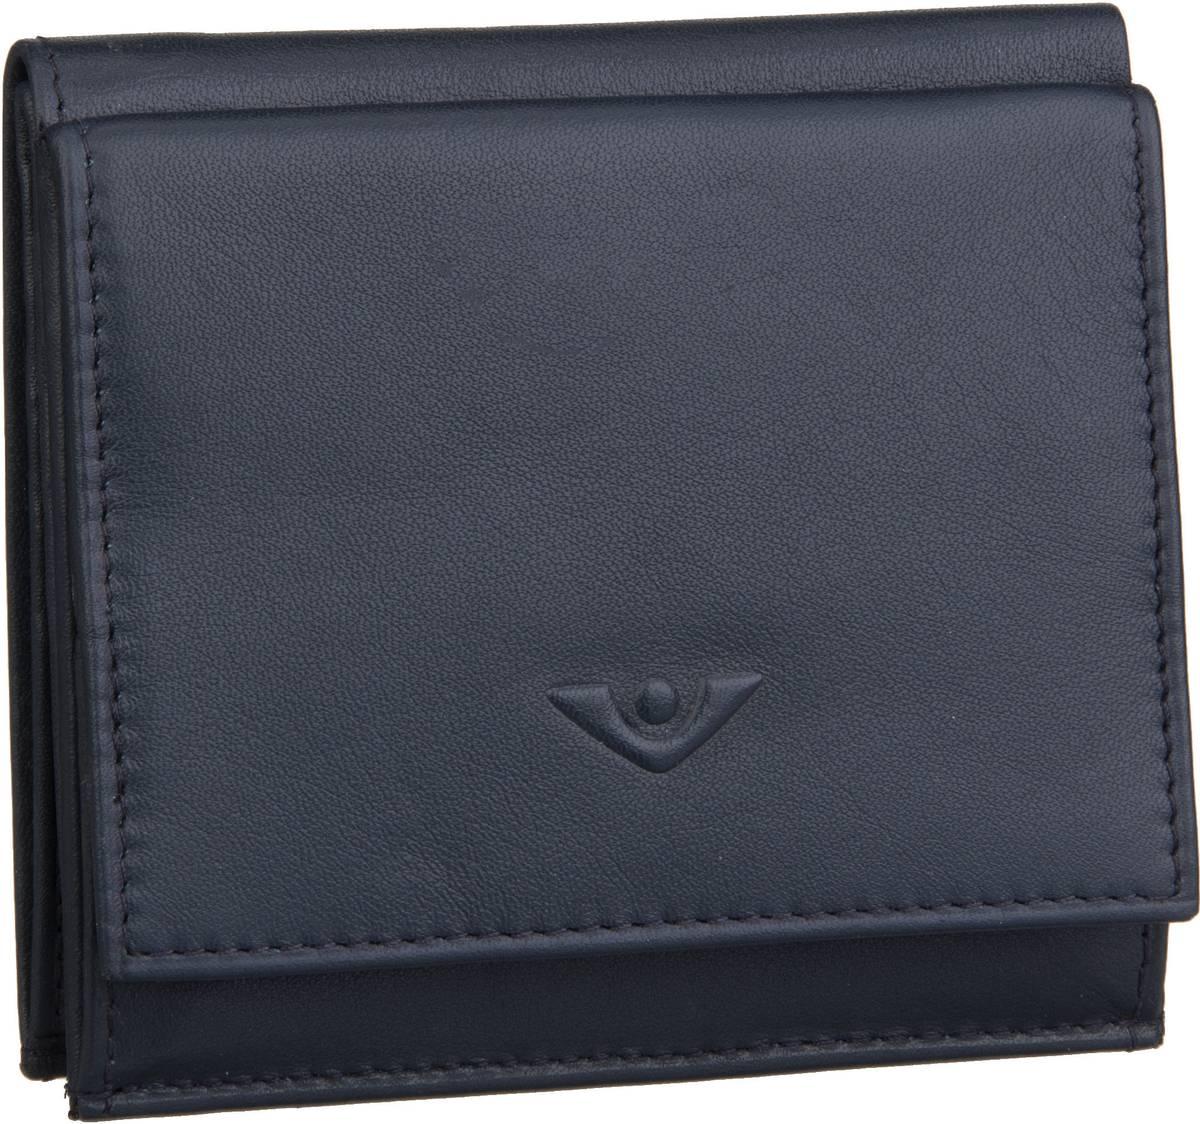 Geldboersen für Frauen - Voi Geldbörse Soft 70024 Wienerschachtel Blau  - Onlineshop Taschenkaufhaus